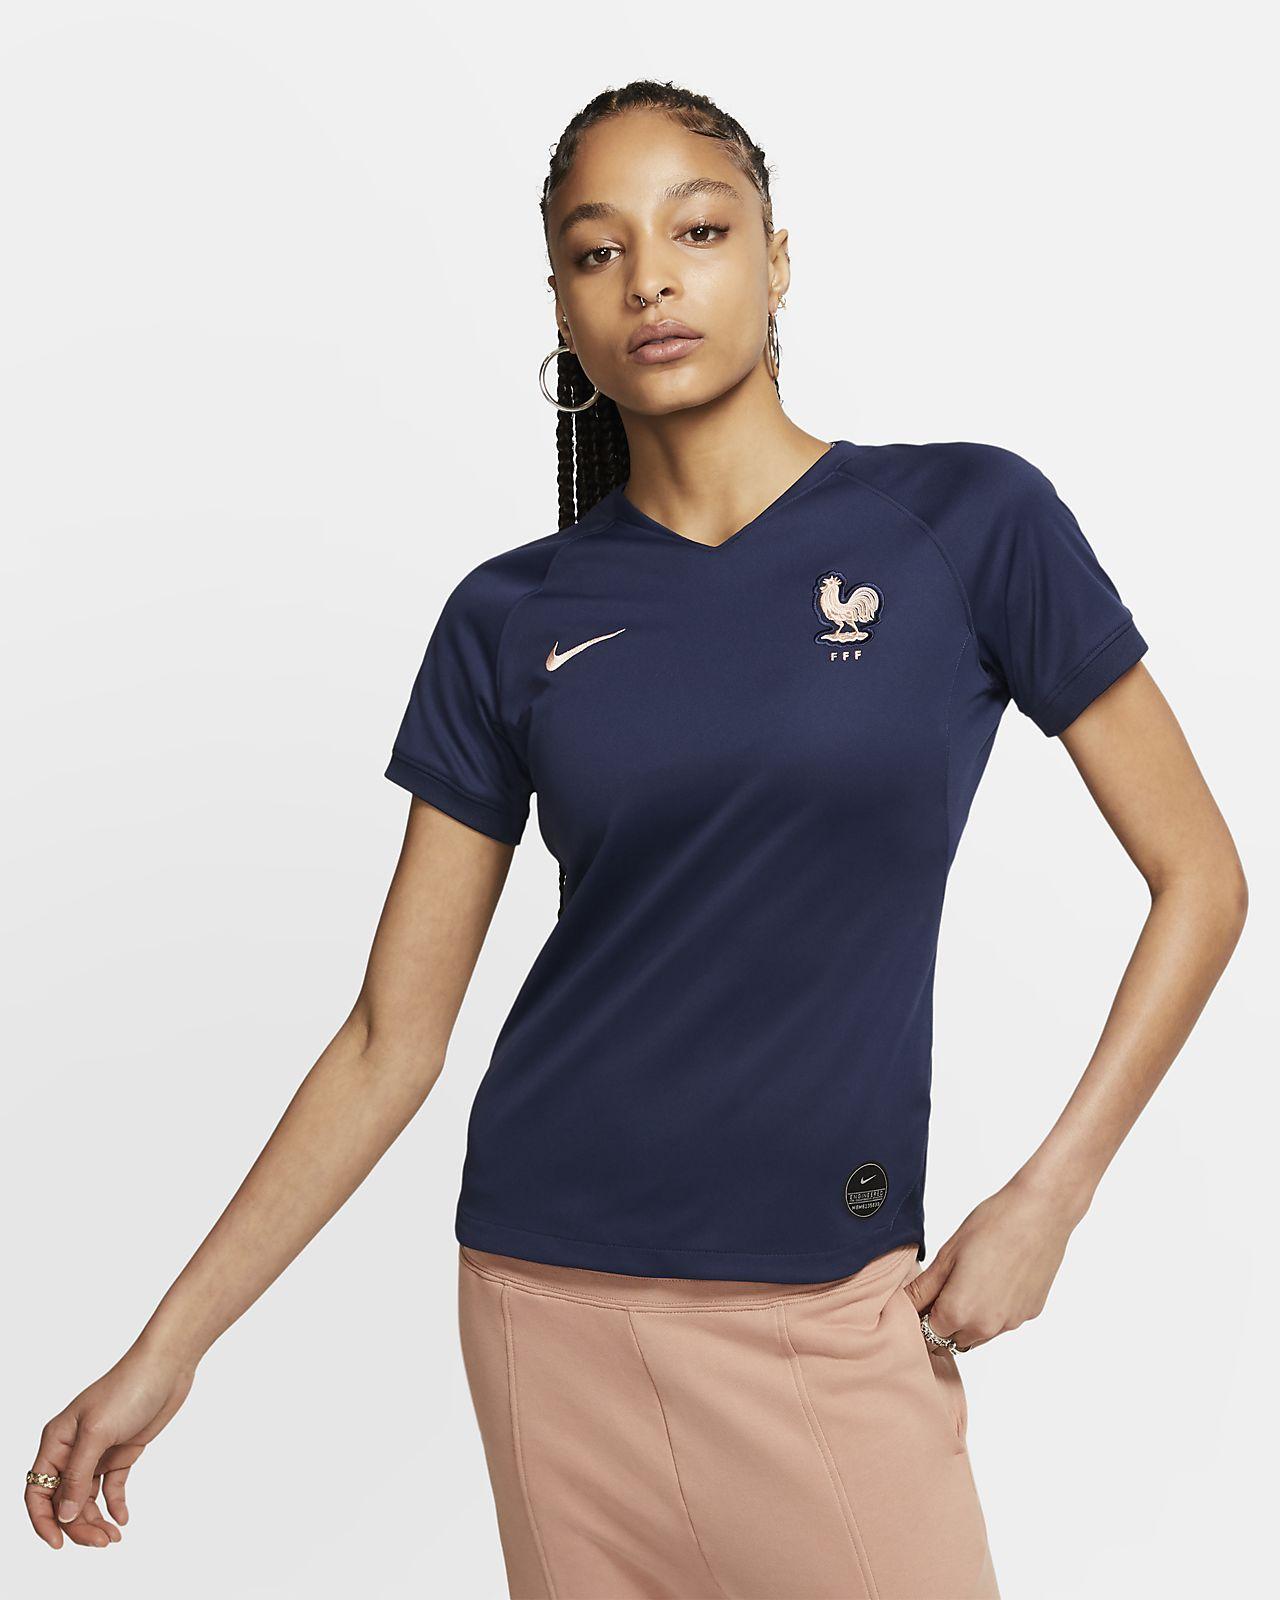 FFF 2019 Stadium Home Camiseta de fútbol - Mujer